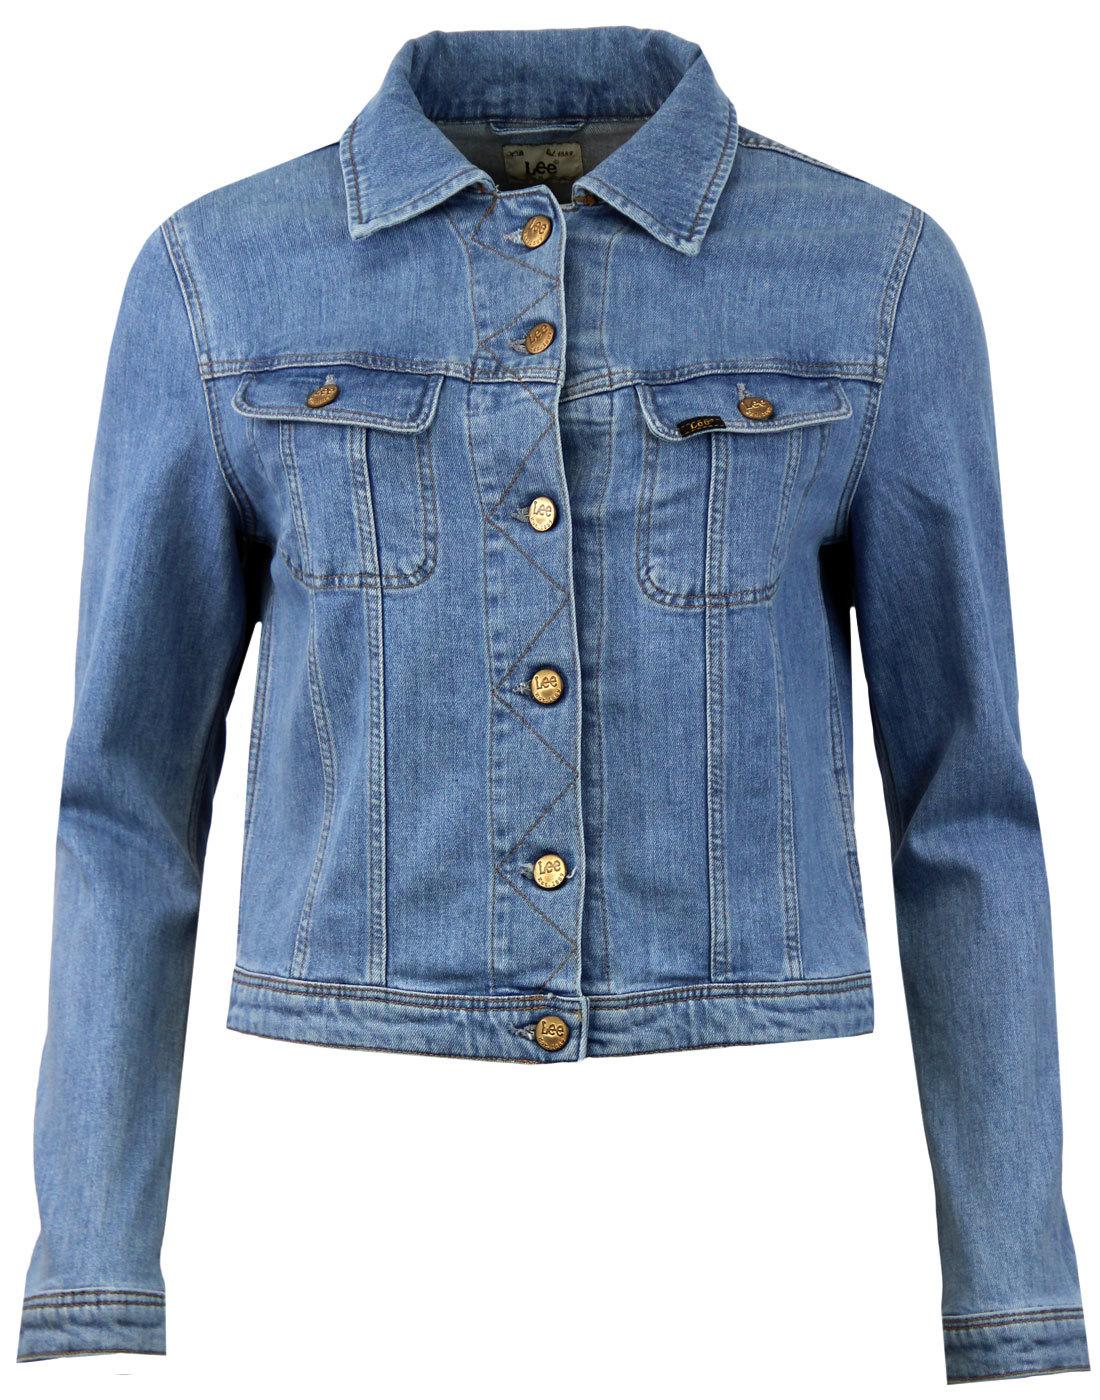 Rider LEE Women's Retro Bleach Stone Denim Jacket